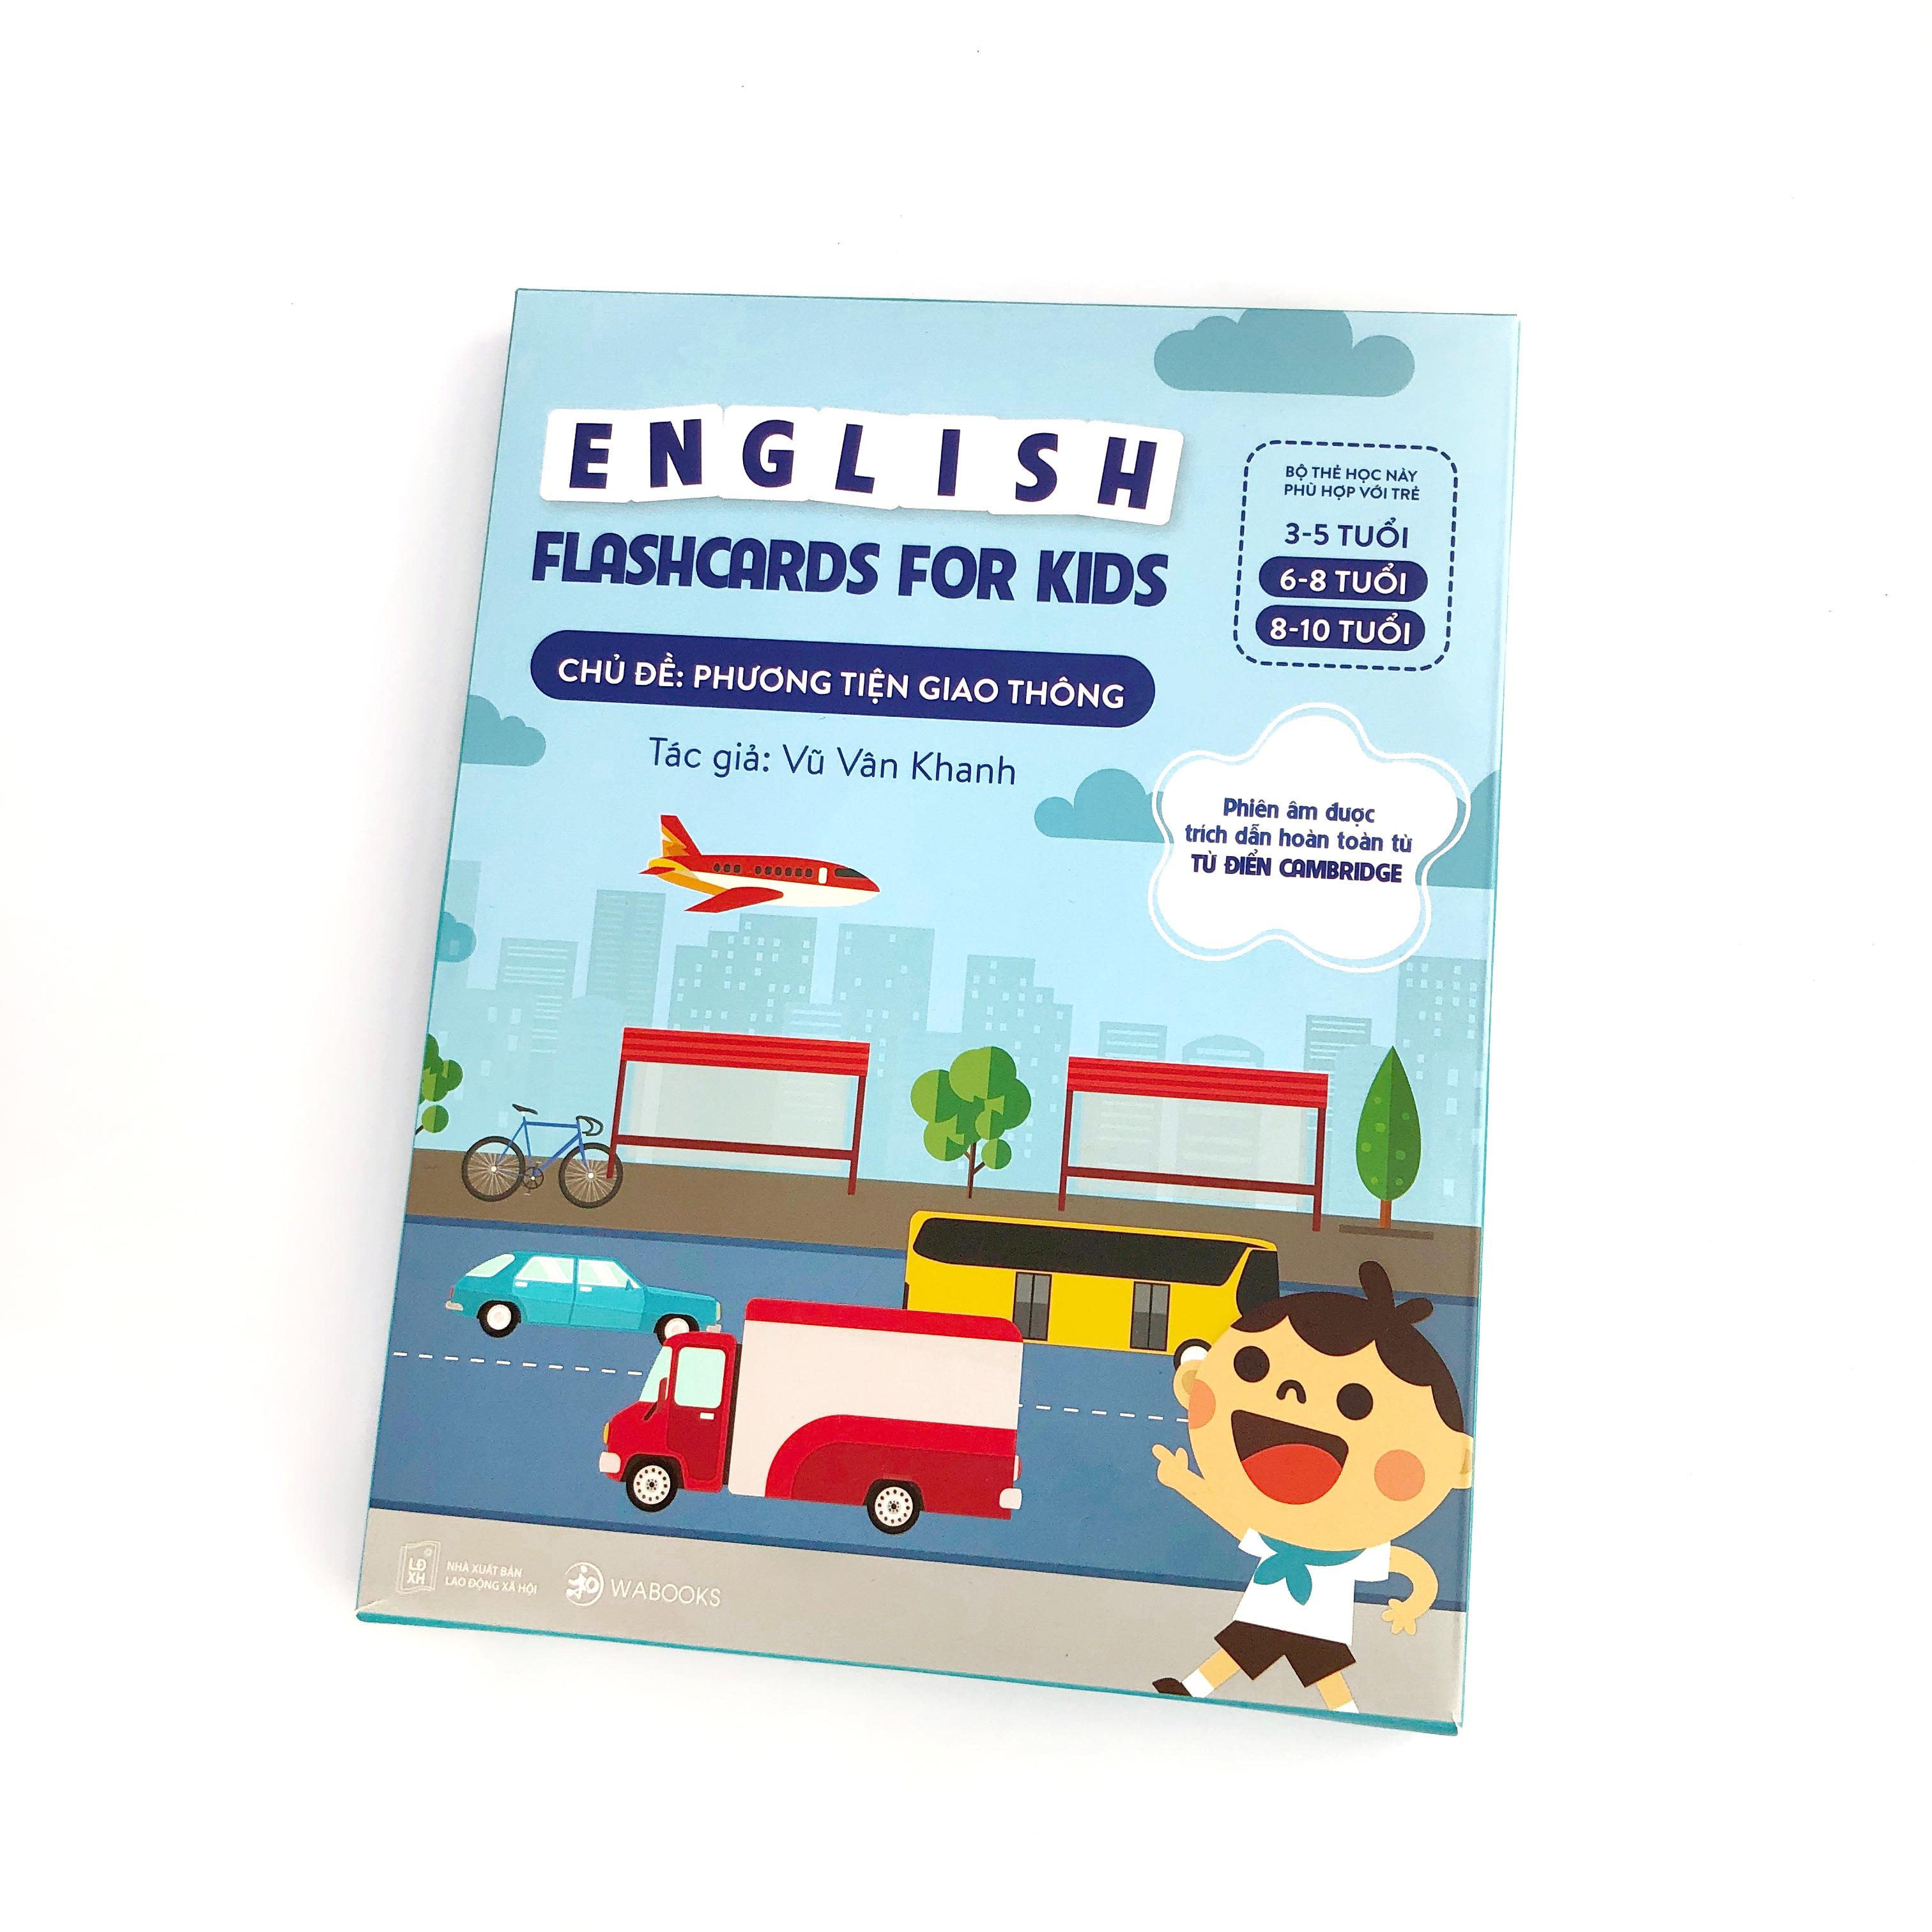 Bộ Thẻ Học Thông Minh Song Ngữ Tiếng Anh Phiên Âm chuẩn CAMBRIDGE - Chủ đề : Phương Tiện Giao Thông (3 - 10 tuổi)